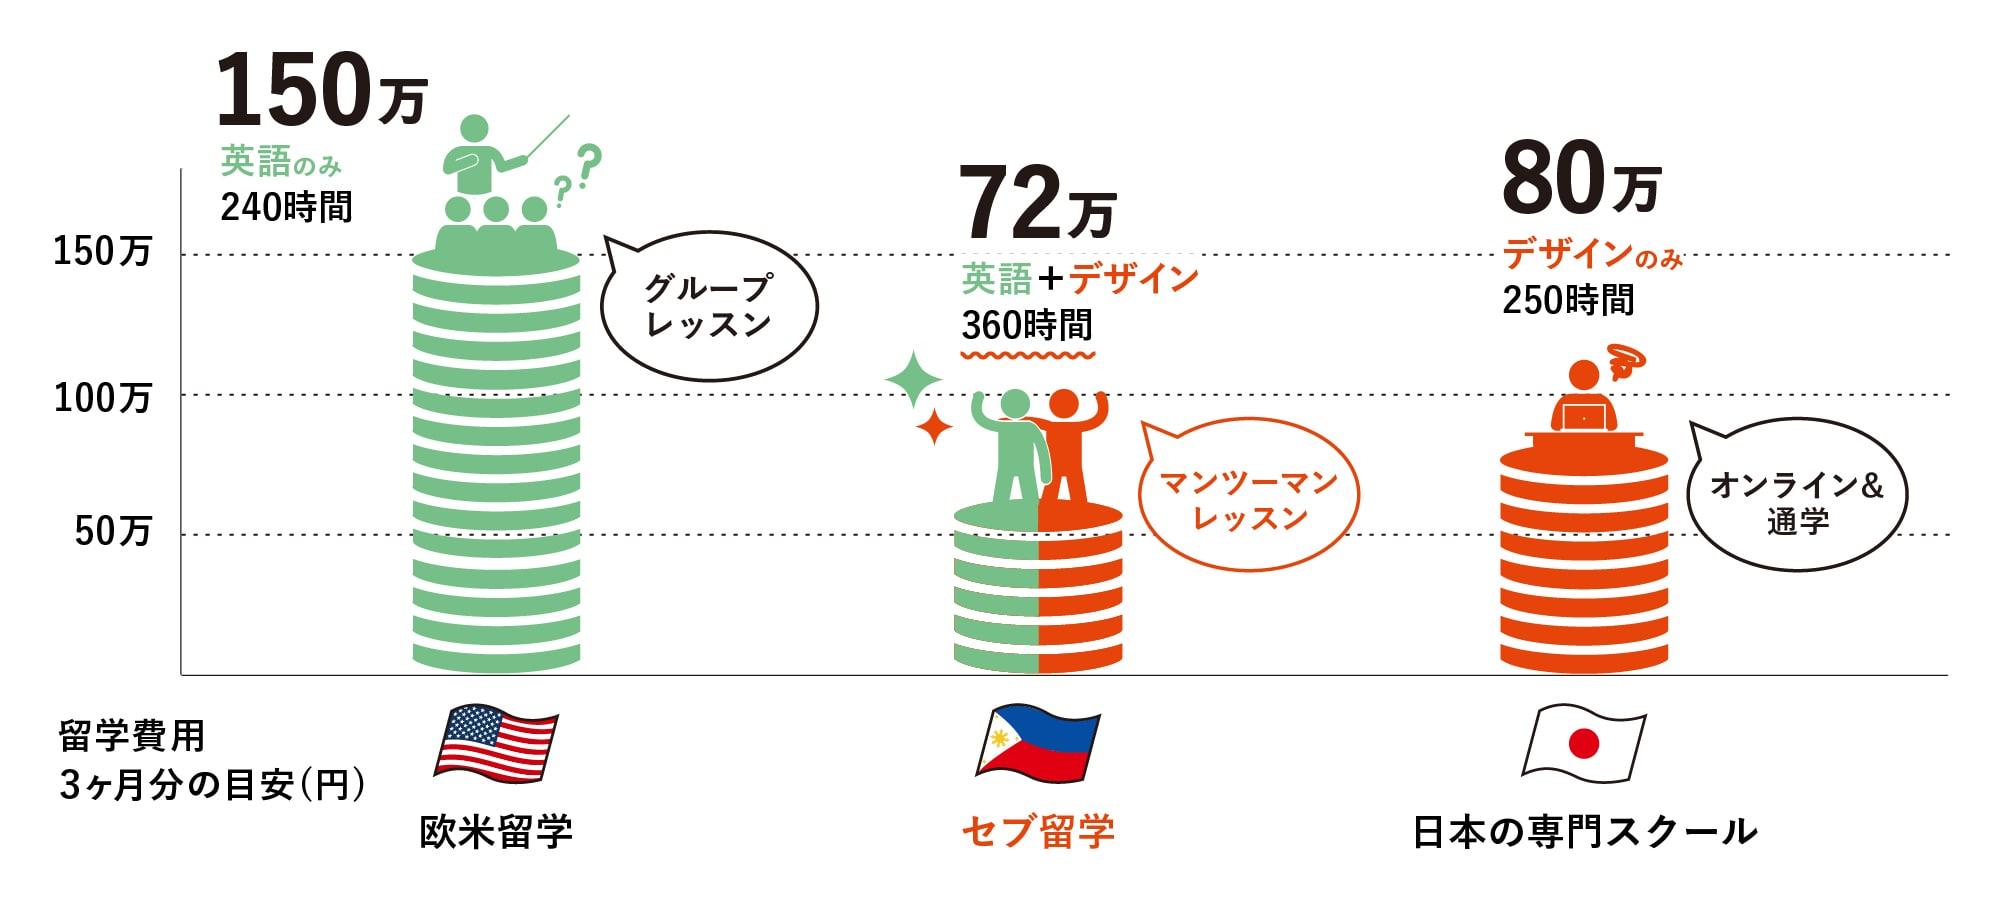 セブ島でデザイン留学を学ぶ場合どれだけお得かを説明した図表